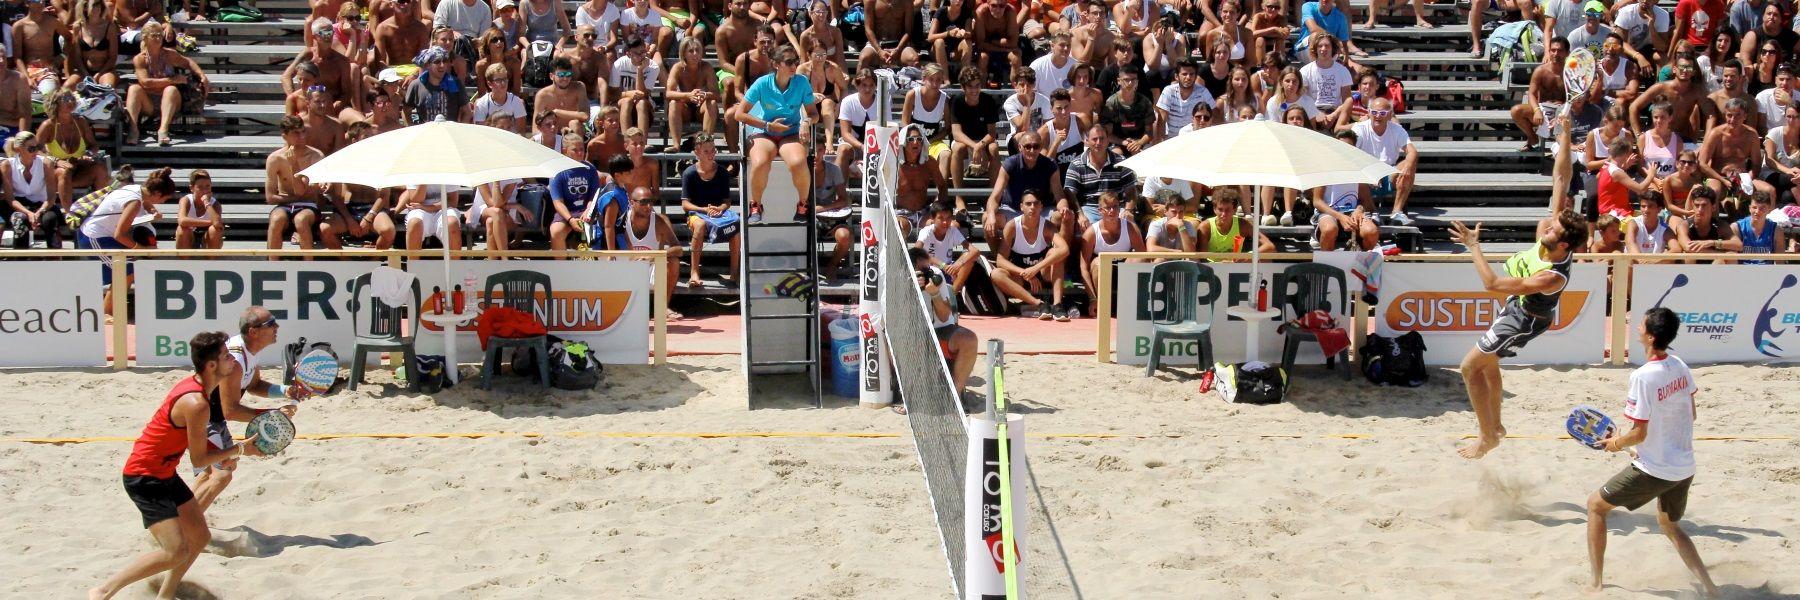 International ITF Beach Tennis Open